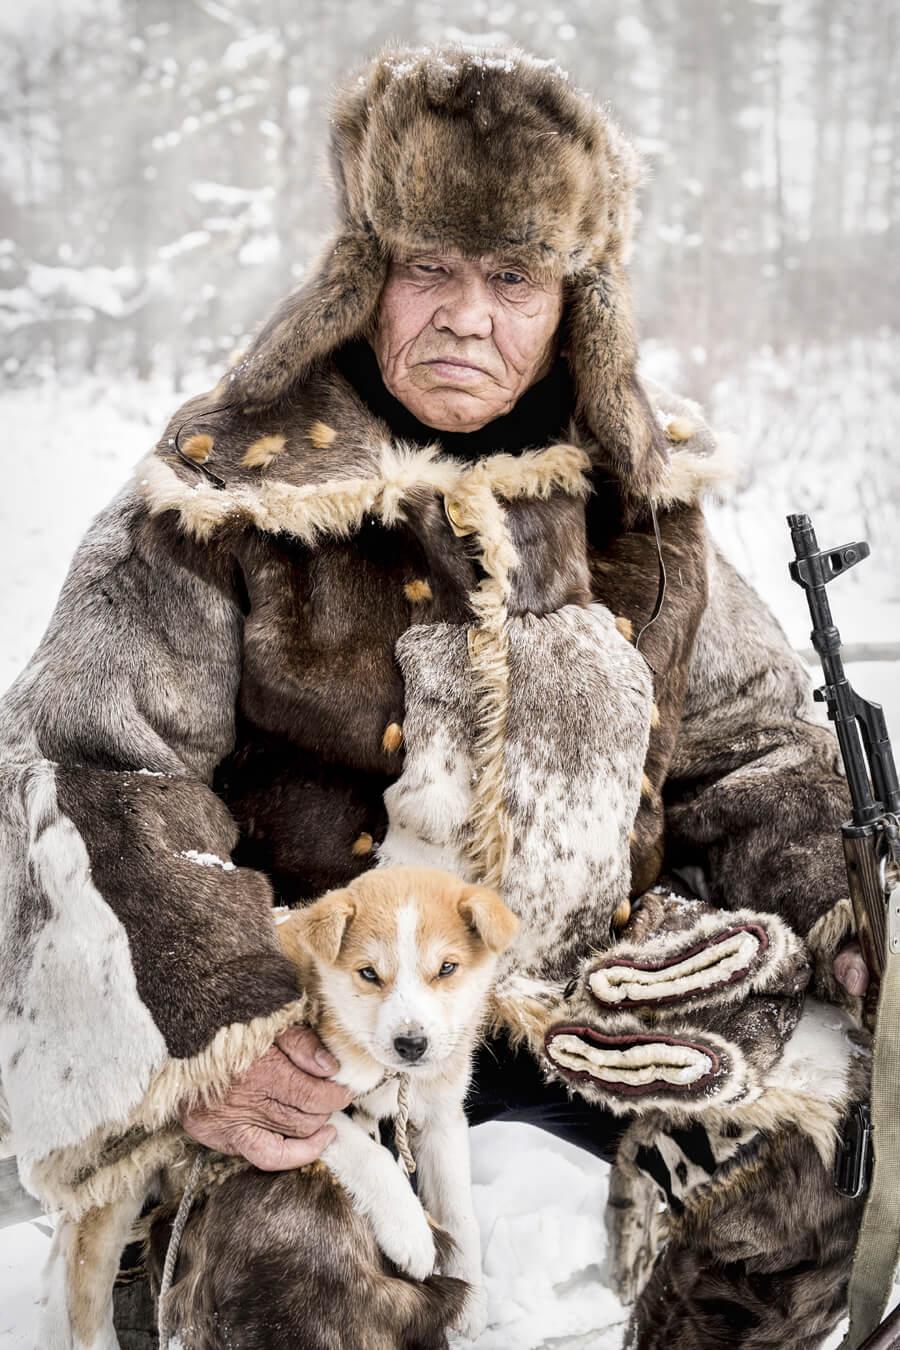 Якутия. Старейшина эвенкийской оленеводческой общины. © Александр Химушин / The World In Faces